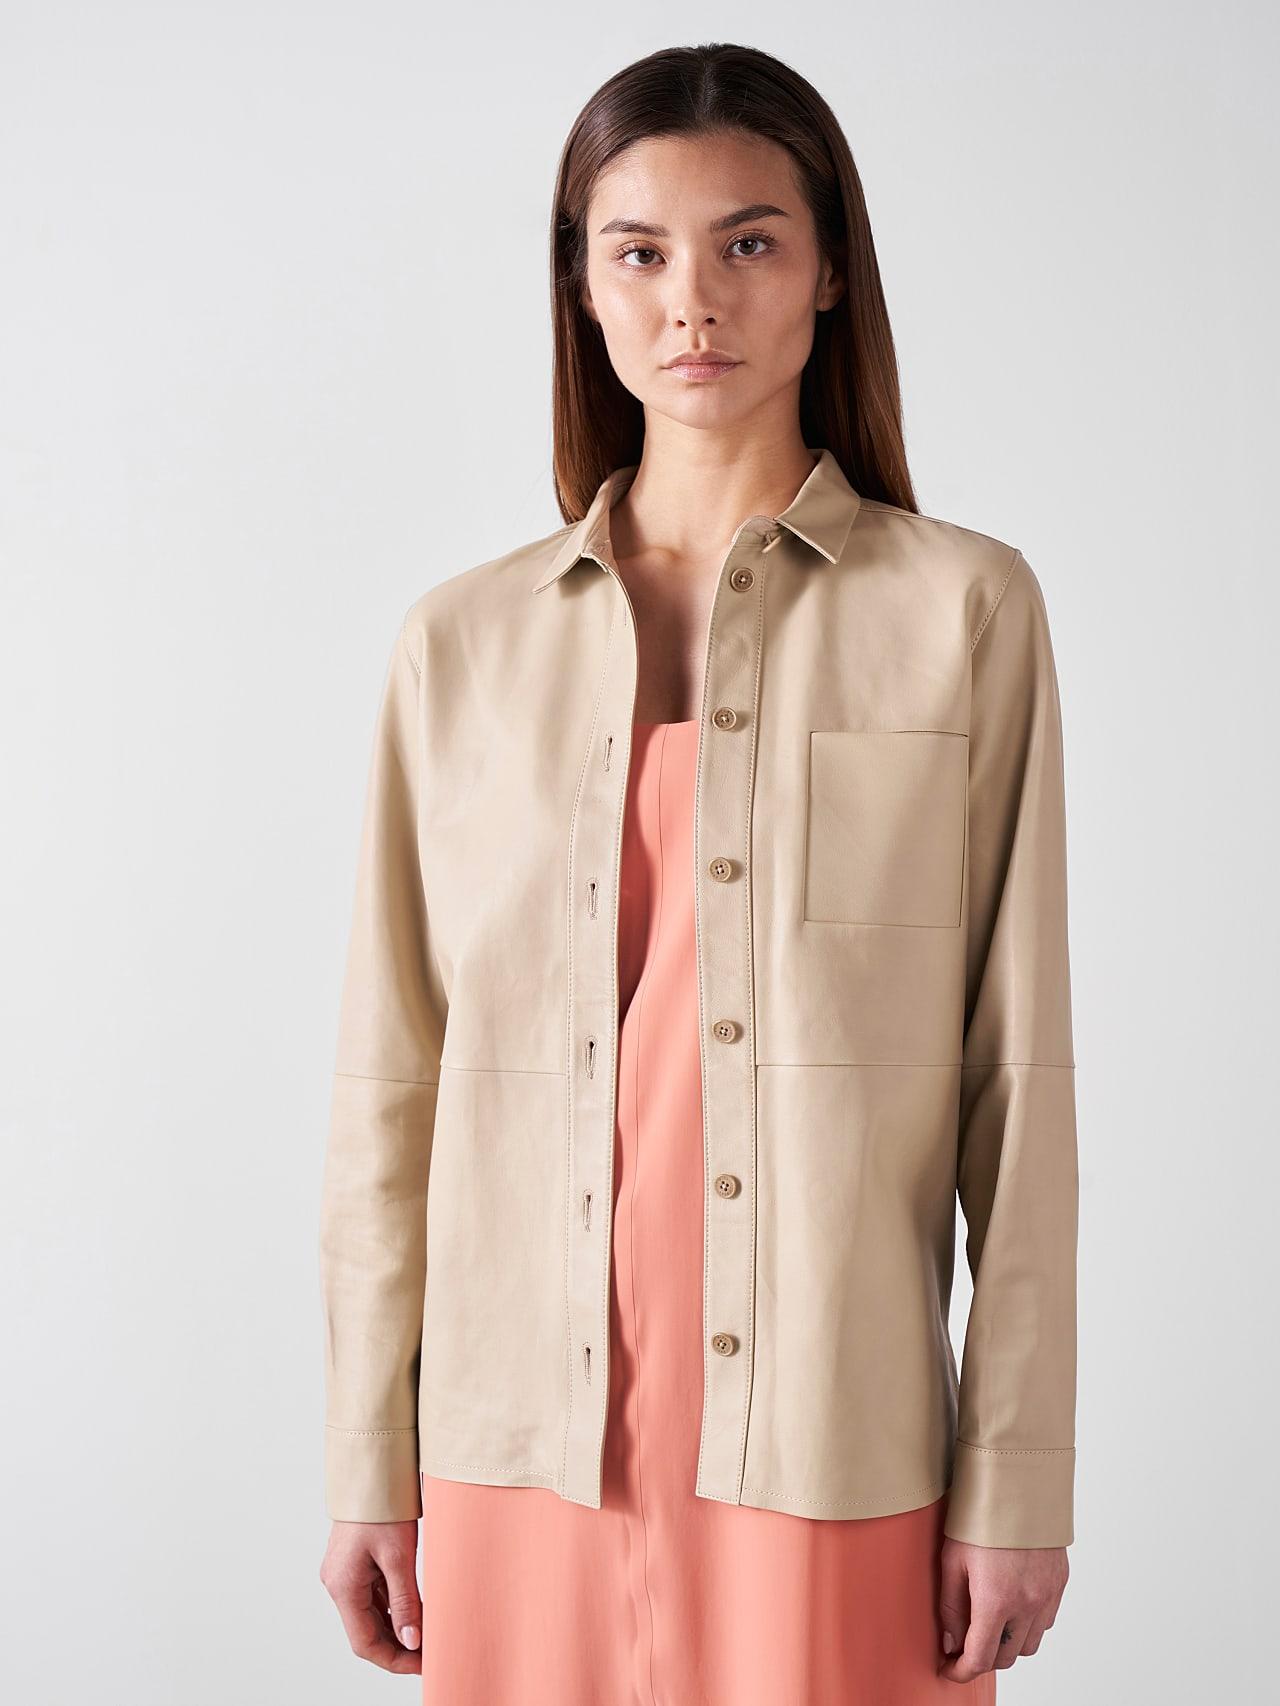 LEORD V1.Y5.01 Leather Shirt Sand Model shot Alpha Tauri